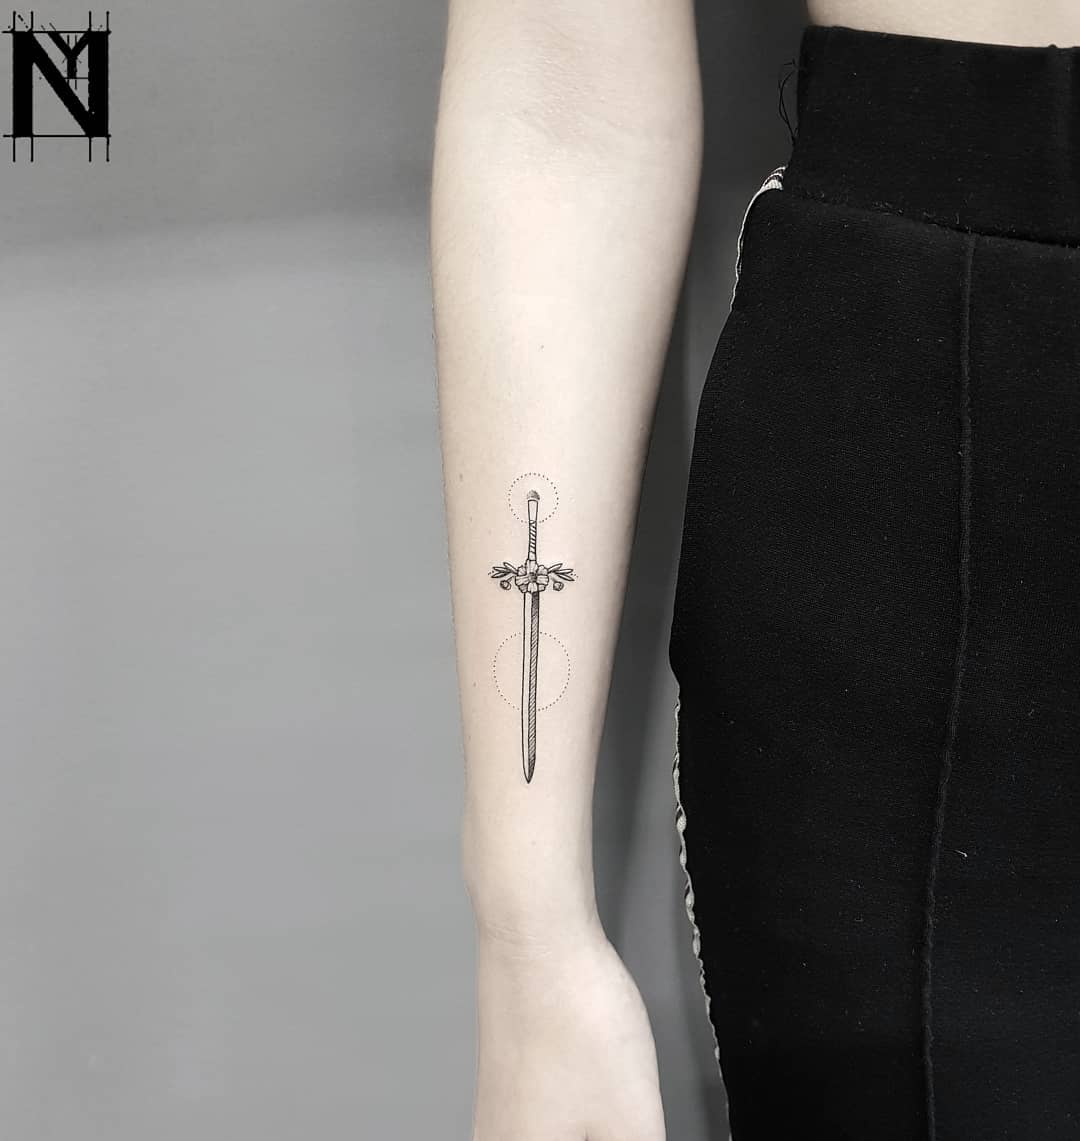 Tiny sword tattoo by Nadav Abras